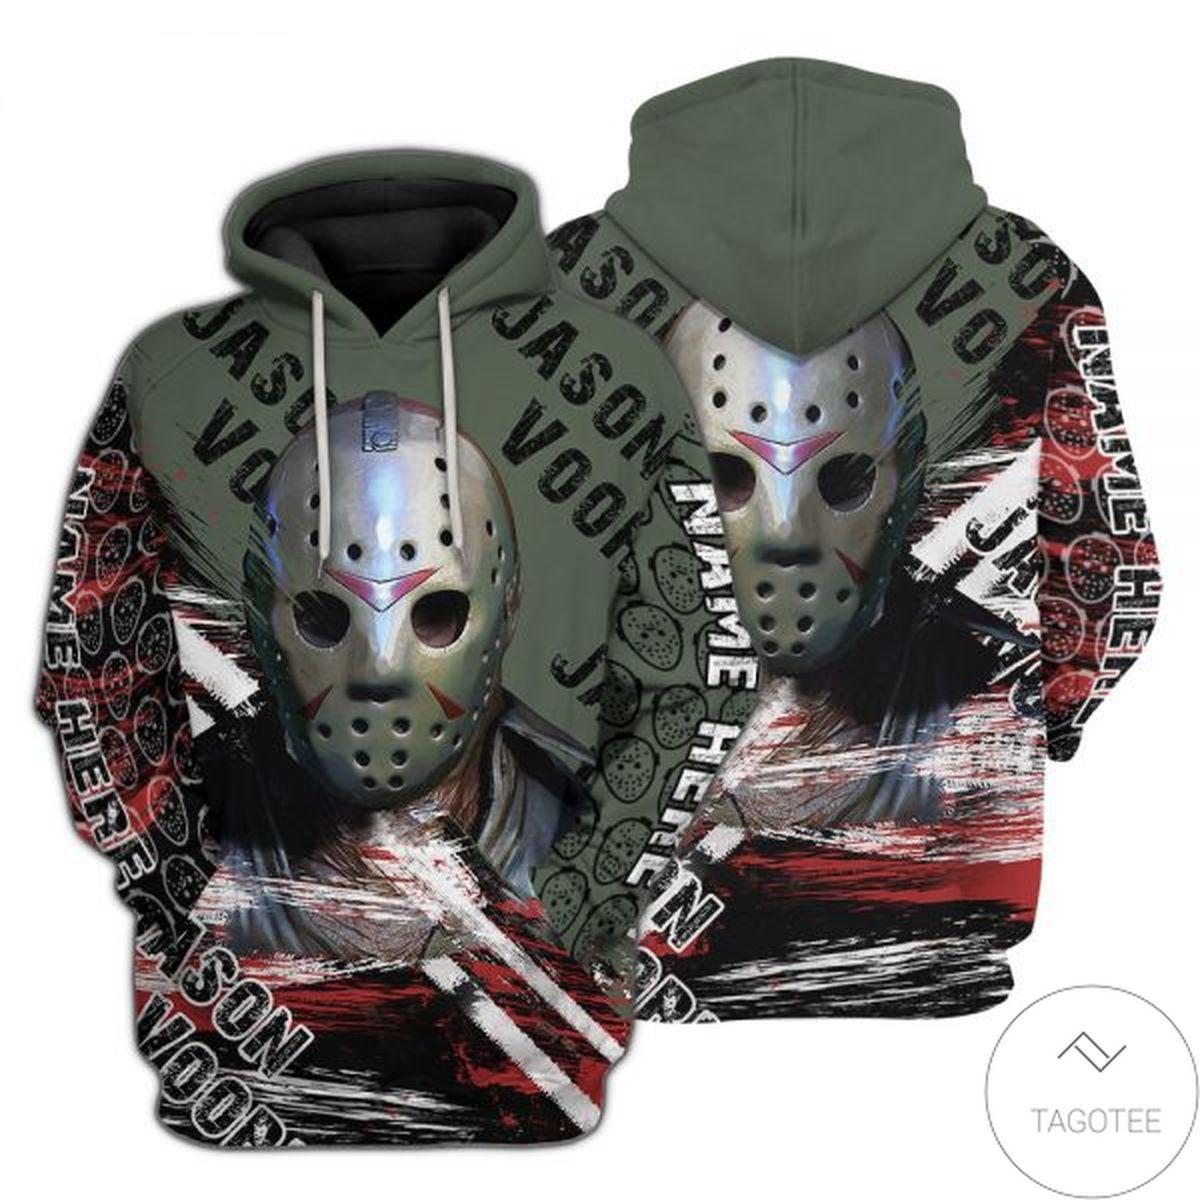 Personalized Jason Voorhees 3D Hoodie